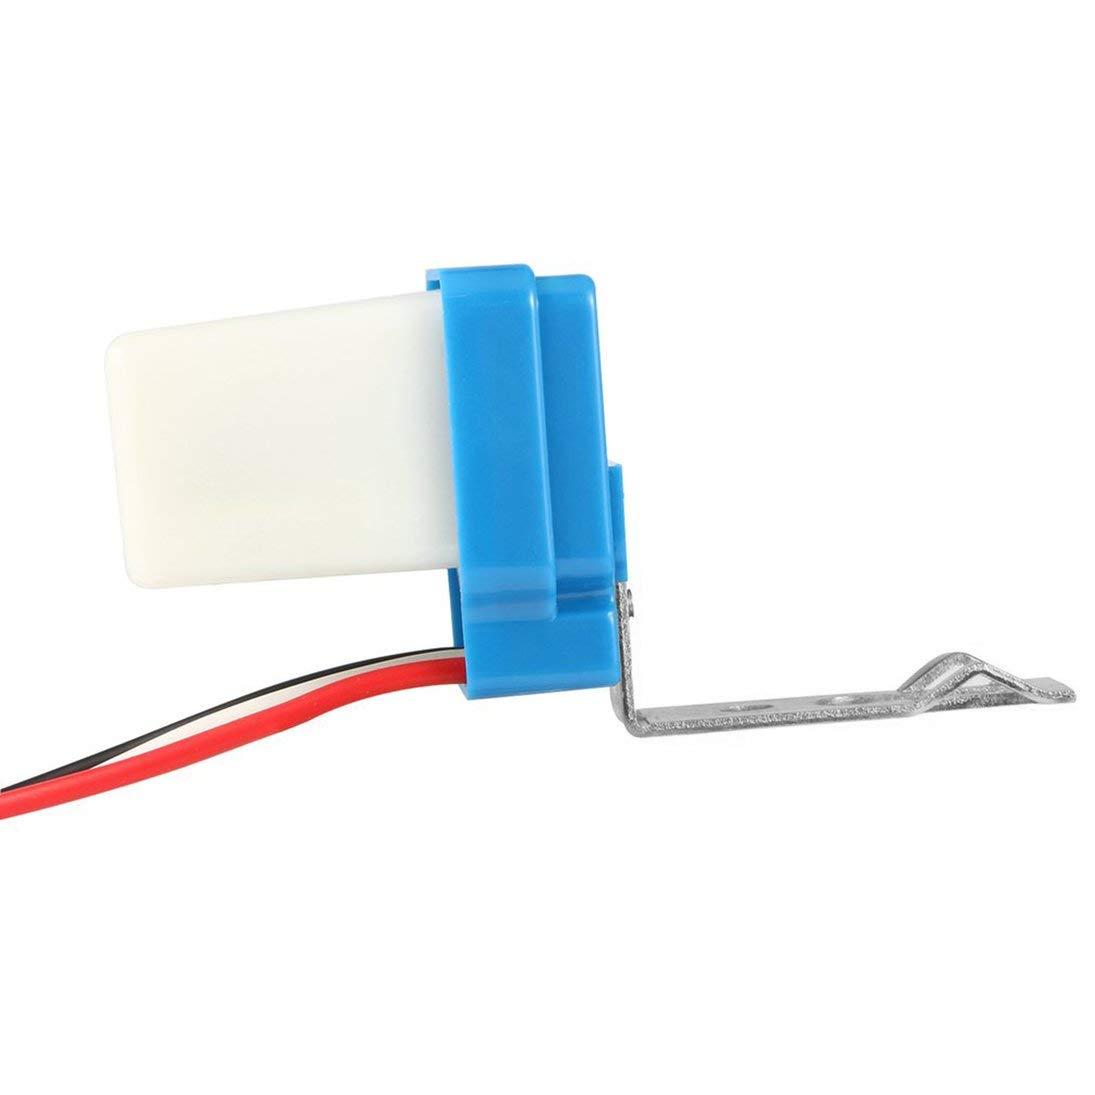 Baynne 1pcs 12V 10A Auto AC DC On Off Photocell Street Light Photoswitch Sensor Switch Hot Sales